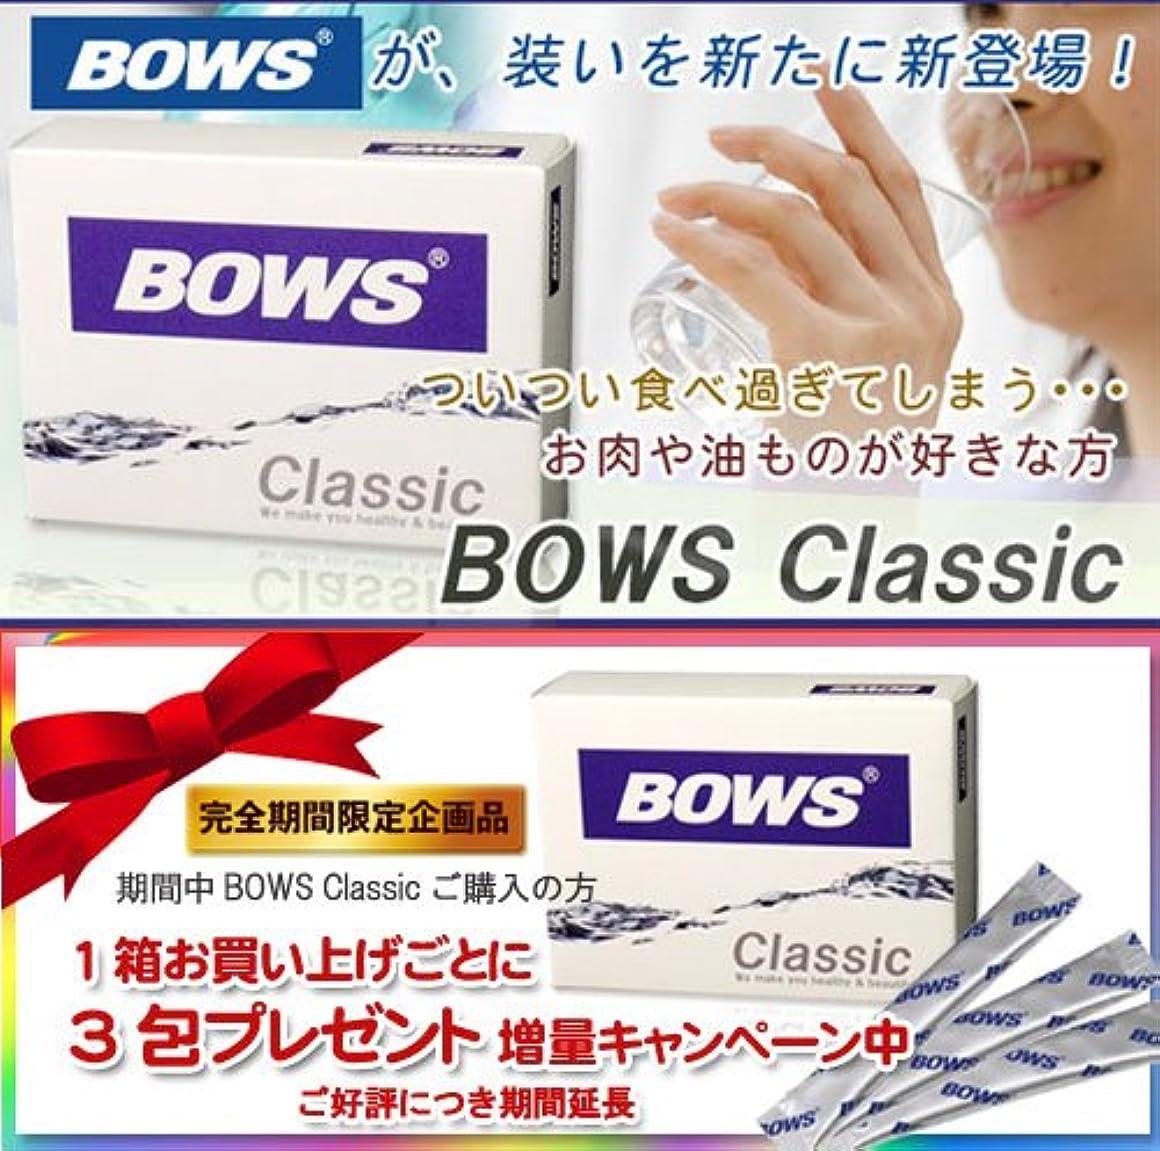 毛皮ファイナンスプールBOWS Classic (ボウス クラシック)  30包+3包増量版 6個セット